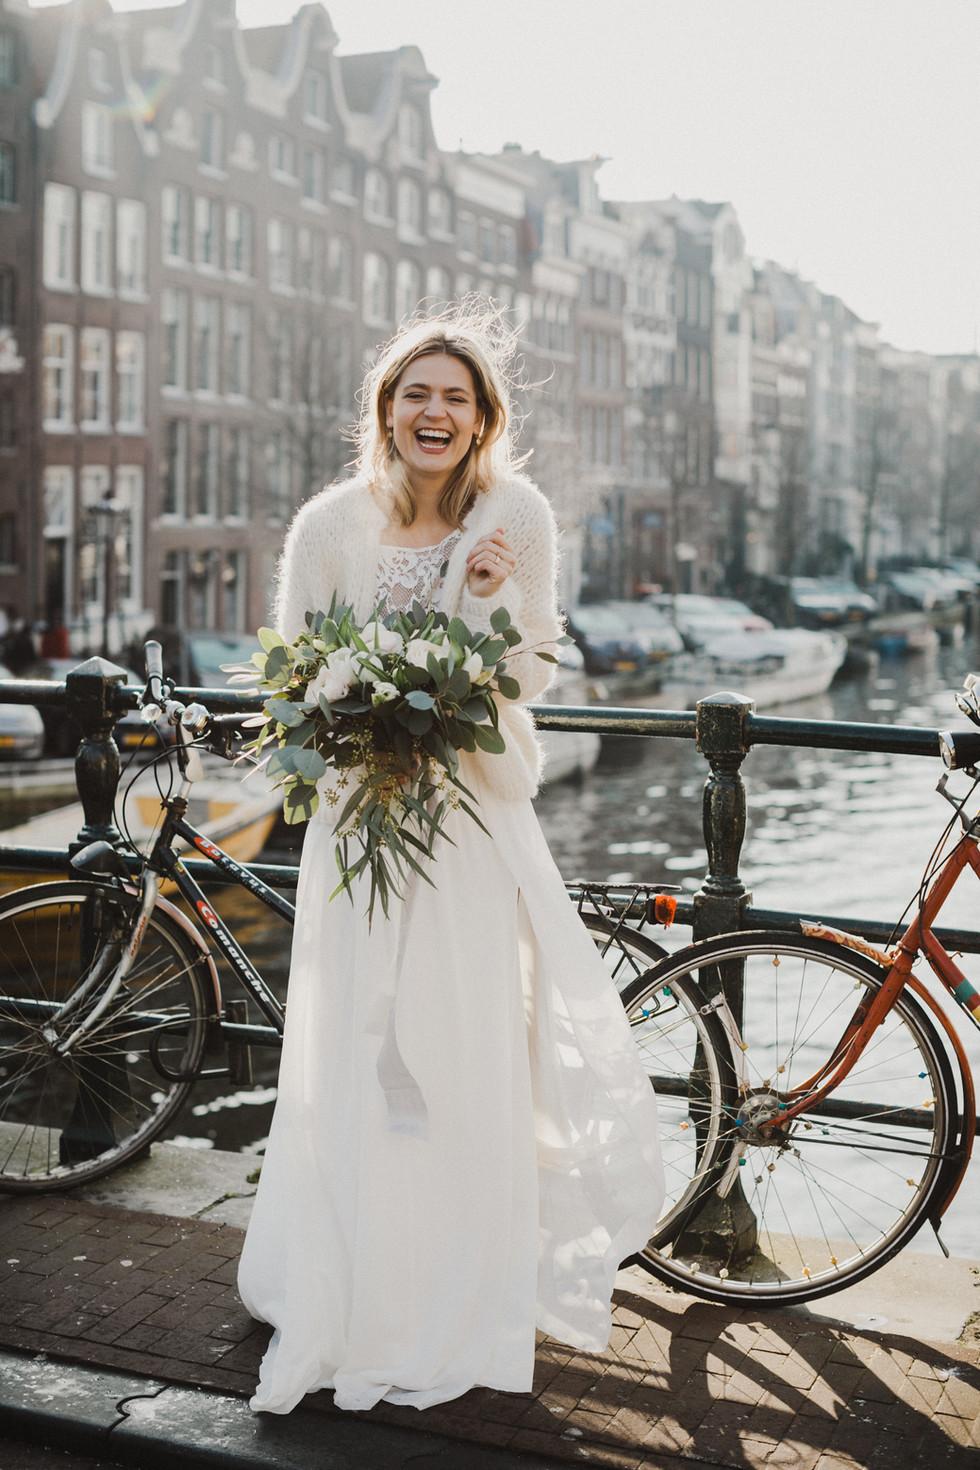 Moderne zweiteilige Brautkleider - Hochzeitskleid mal anders